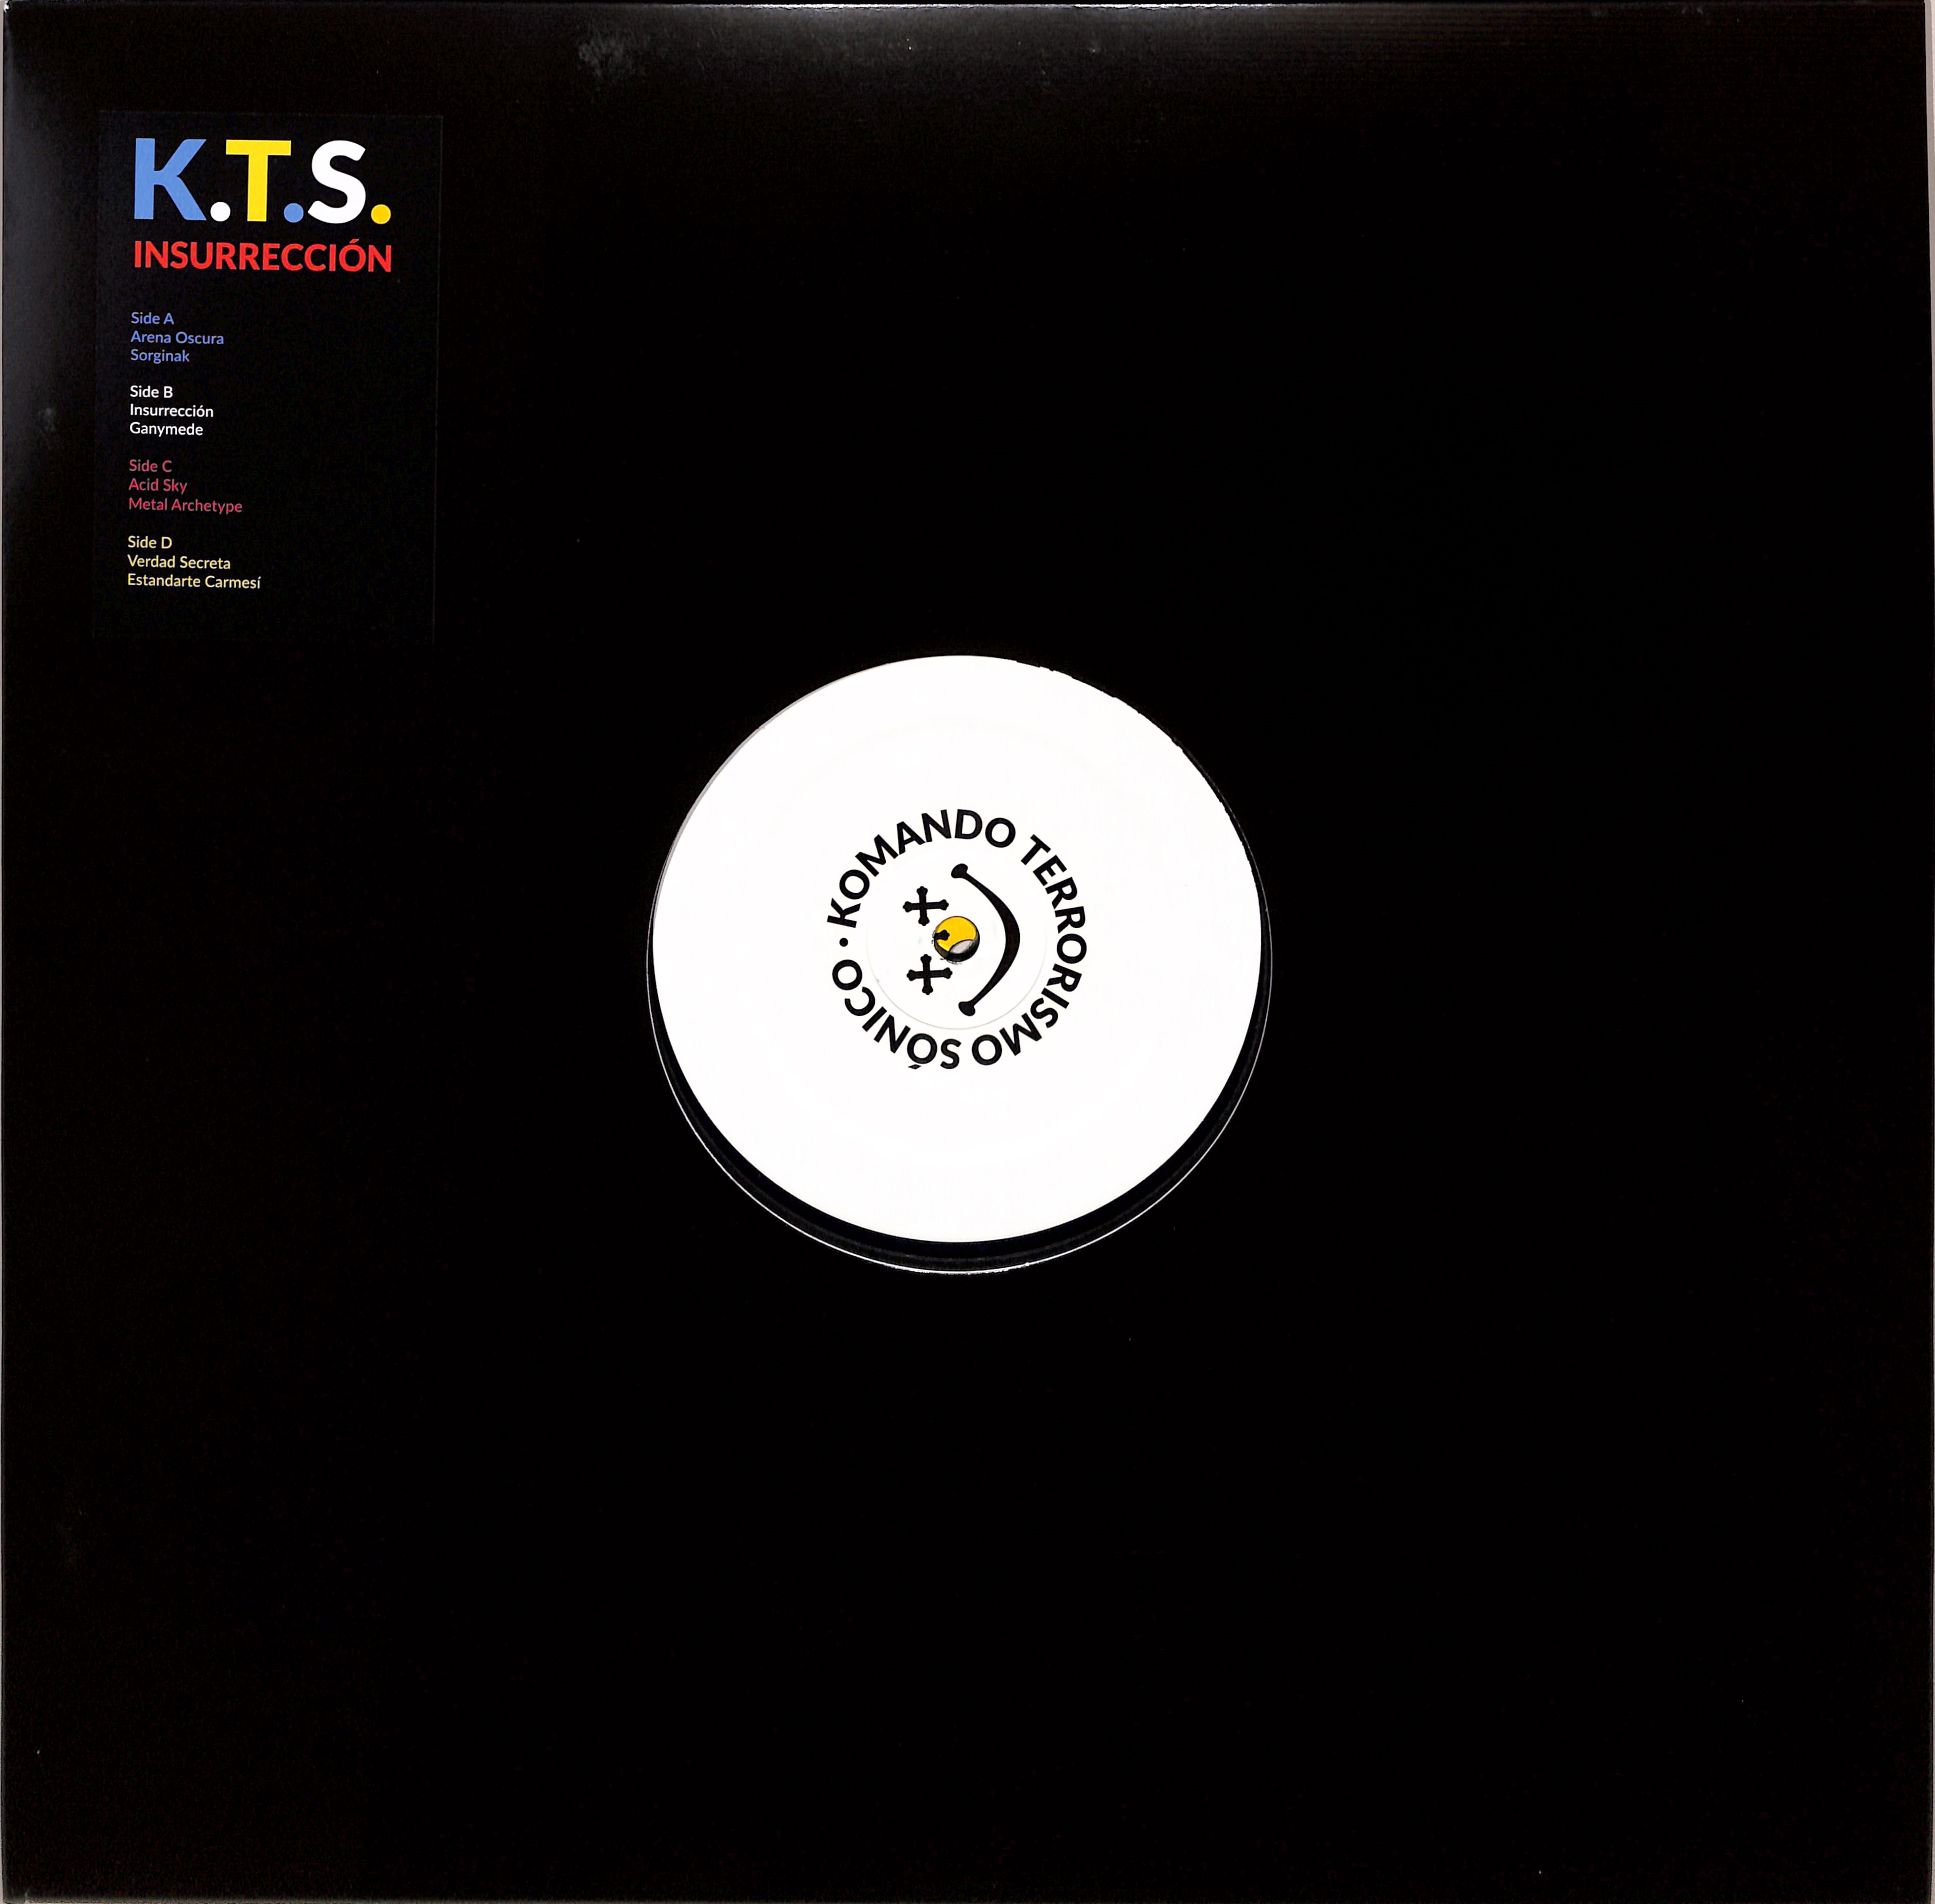 K.T.S. - INSURRECCION